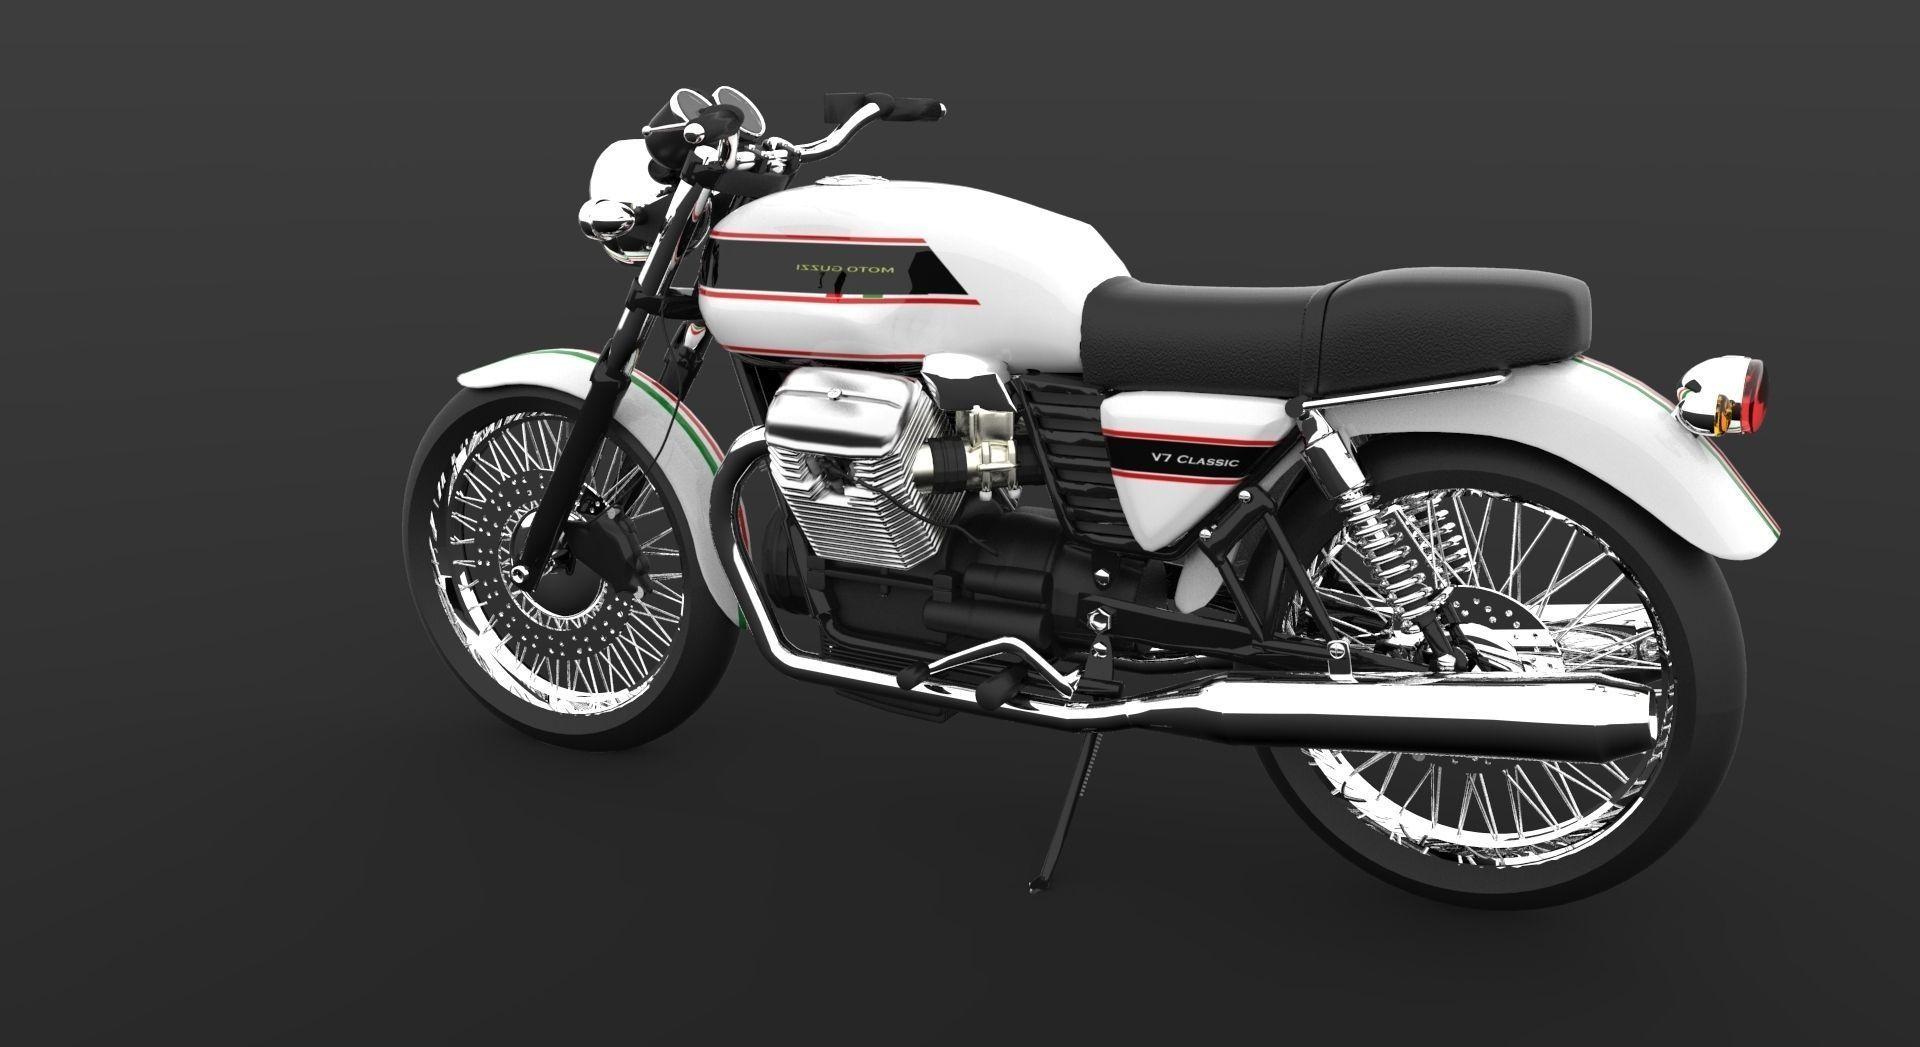 moto guzzi v7 classic cafe racer 3d model obj 3dm cgtrader. Black Bedroom Furniture Sets. Home Design Ideas